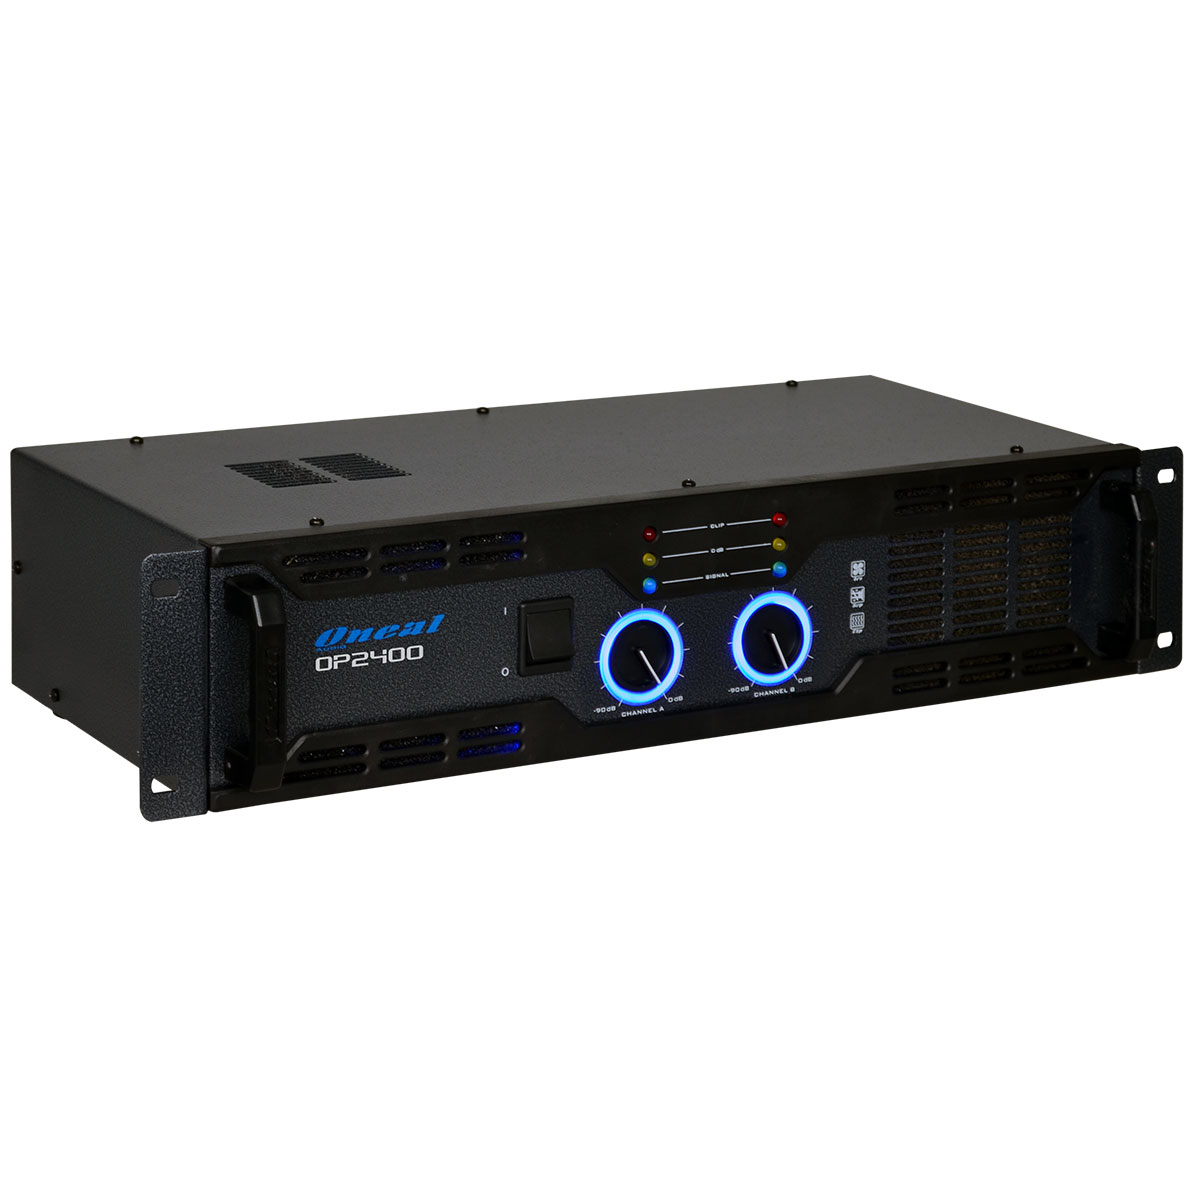 Amplificador Estéreo 2 Canais 400W RMS ( Total ) OP 2400 - Oneal